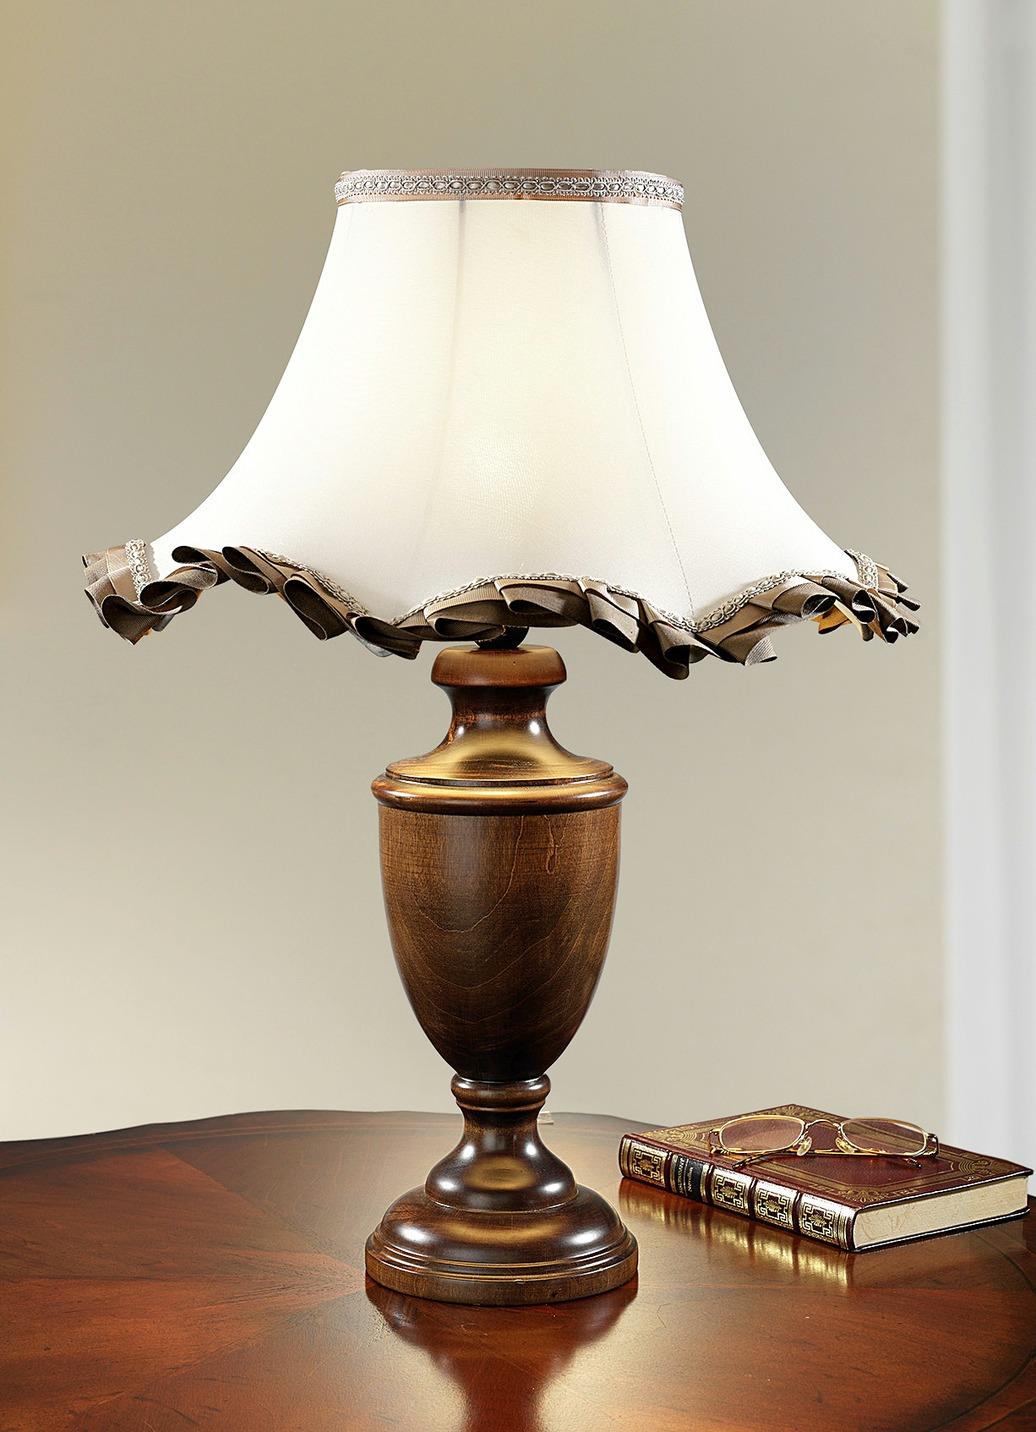 tischleuchte mit zauberhaftem schirm aus stoff lampen. Black Bedroom Furniture Sets. Home Design Ideas